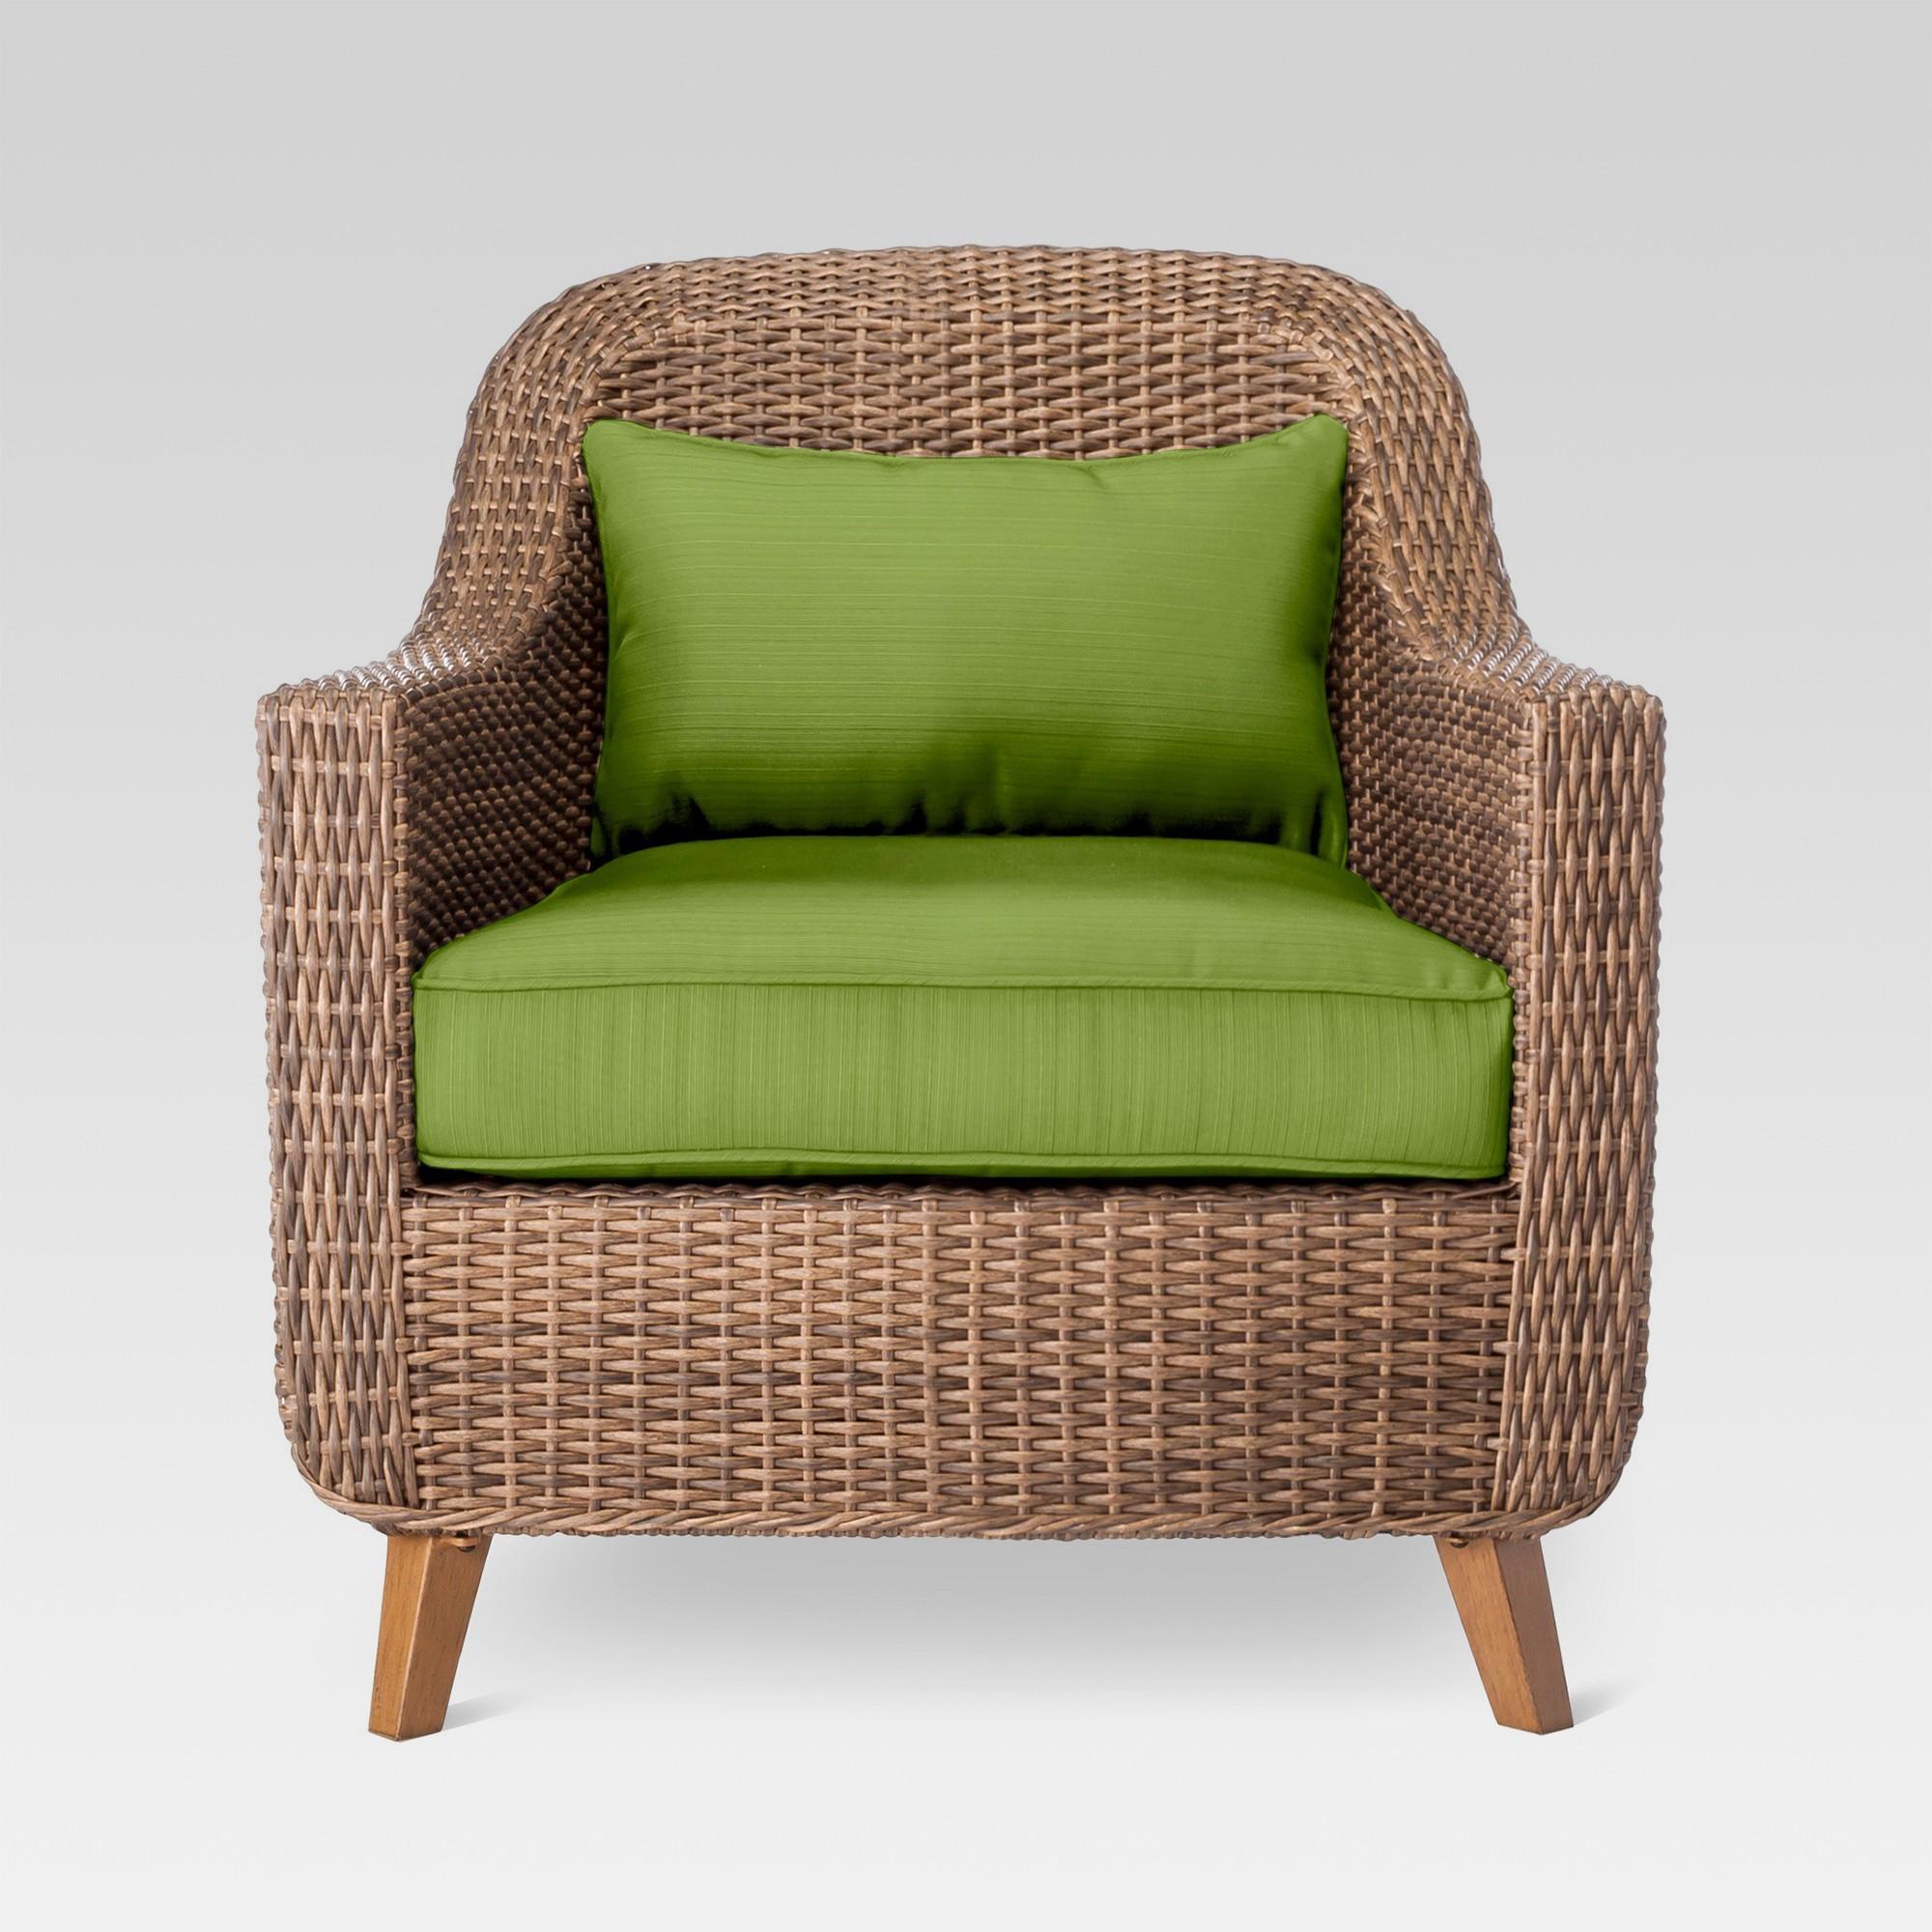 d4c7db128af Mayhew All Weather Wicker Patio Club Chair Green - Threshold